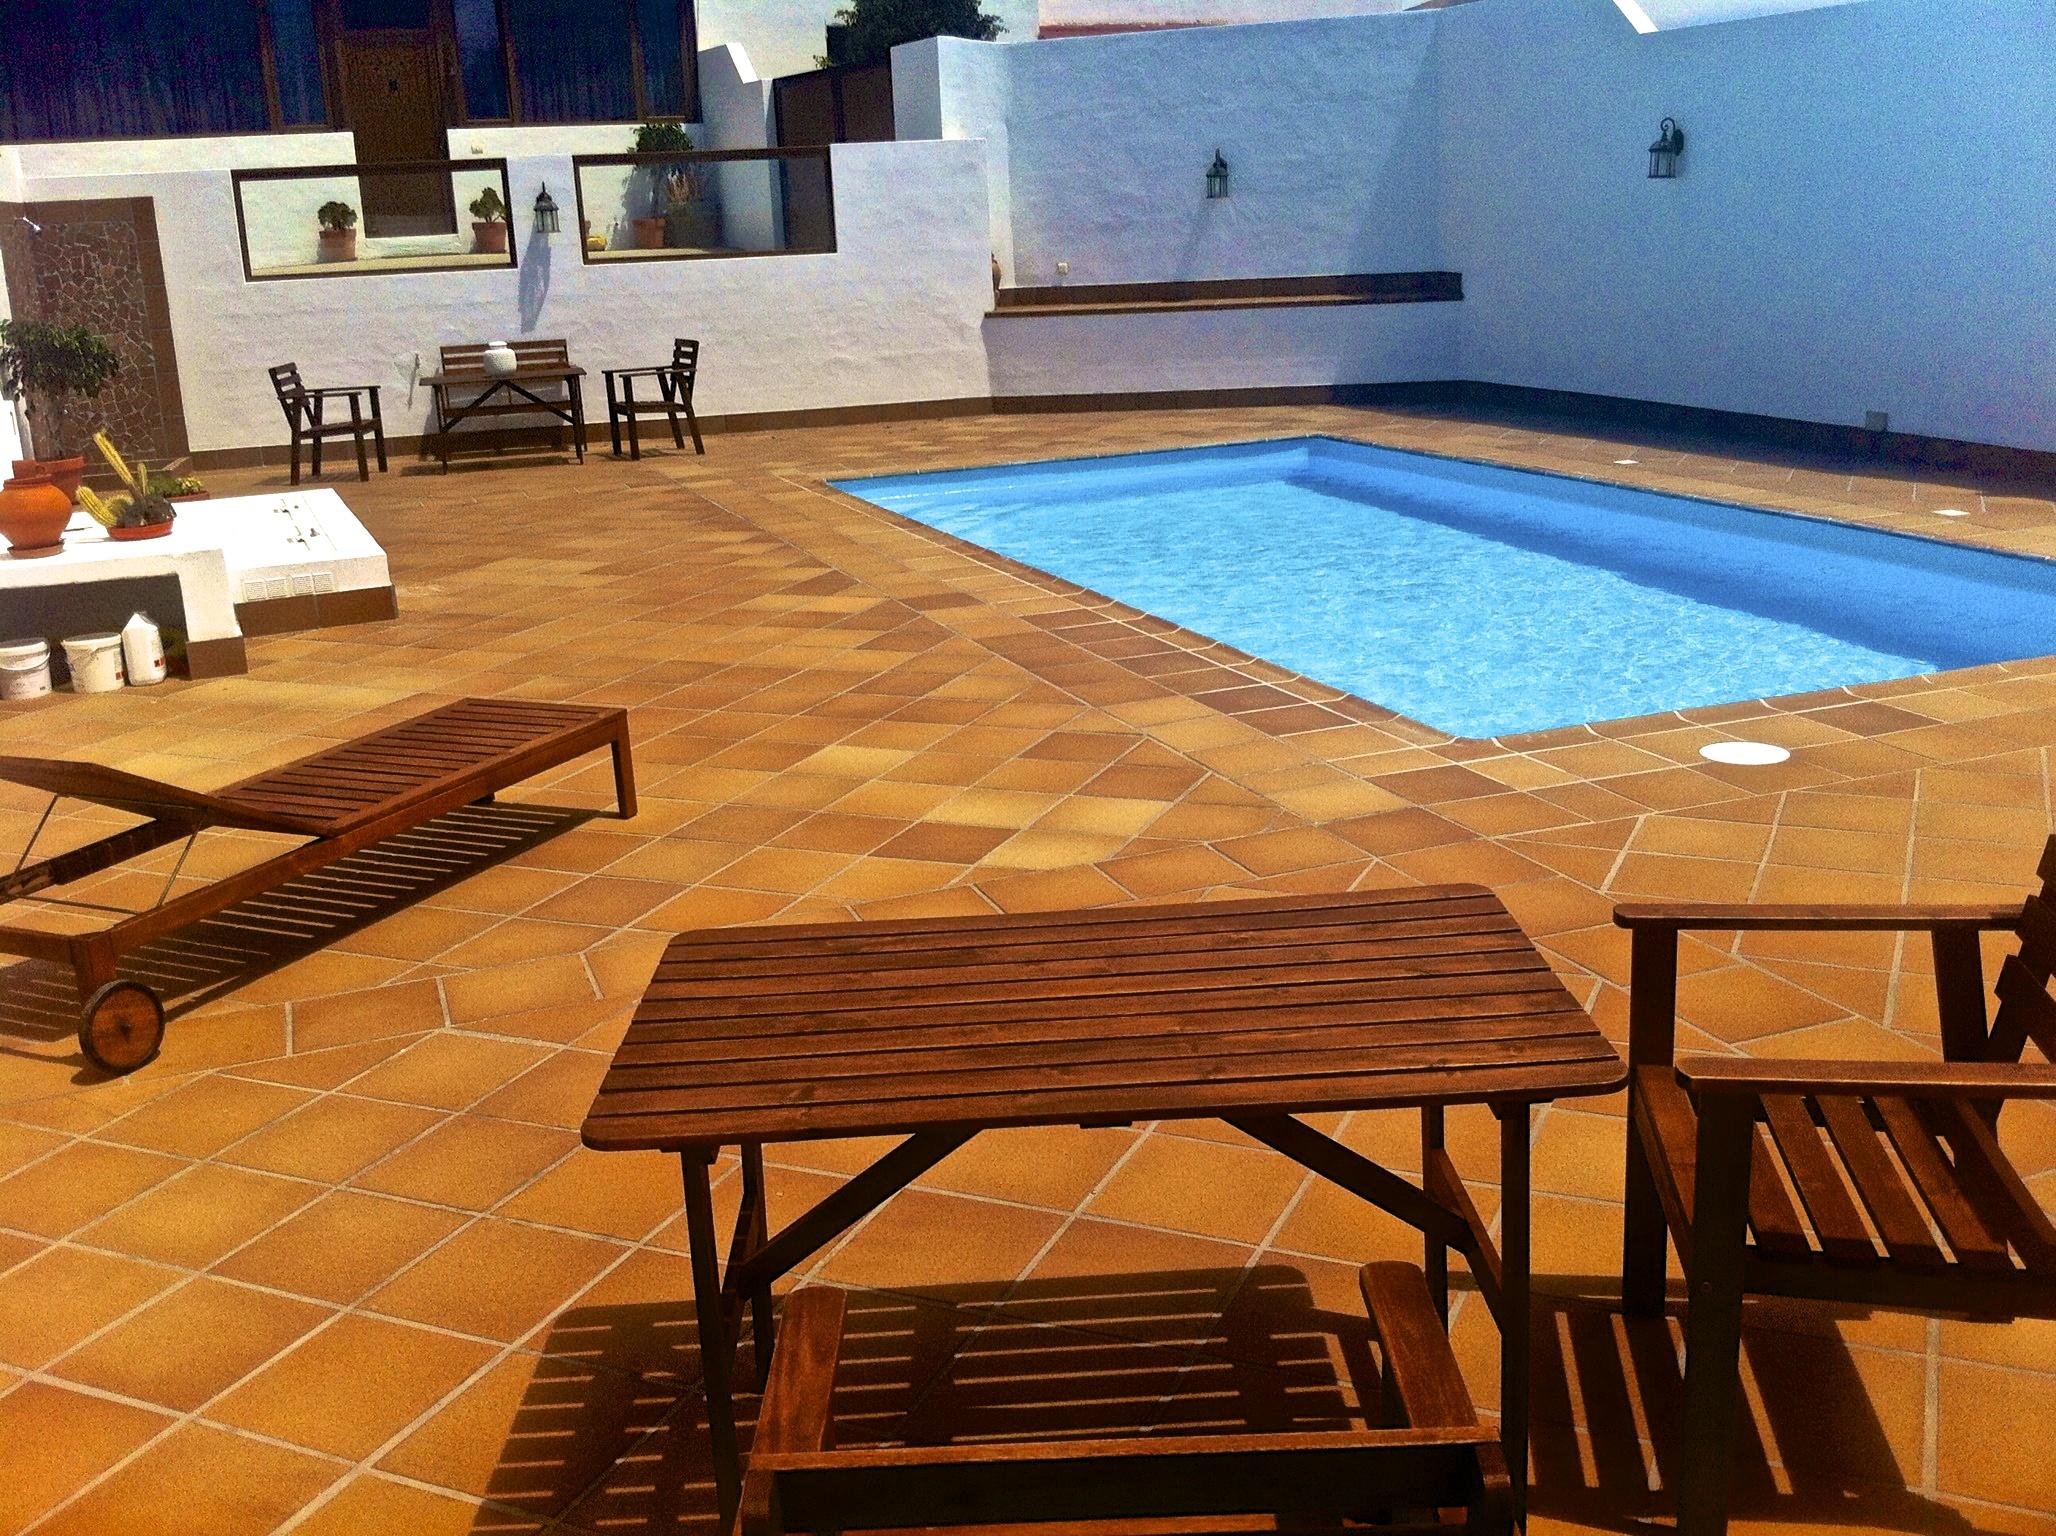 Coste piscina gallery of declogo de piscina sostenible for Piscina campolongo